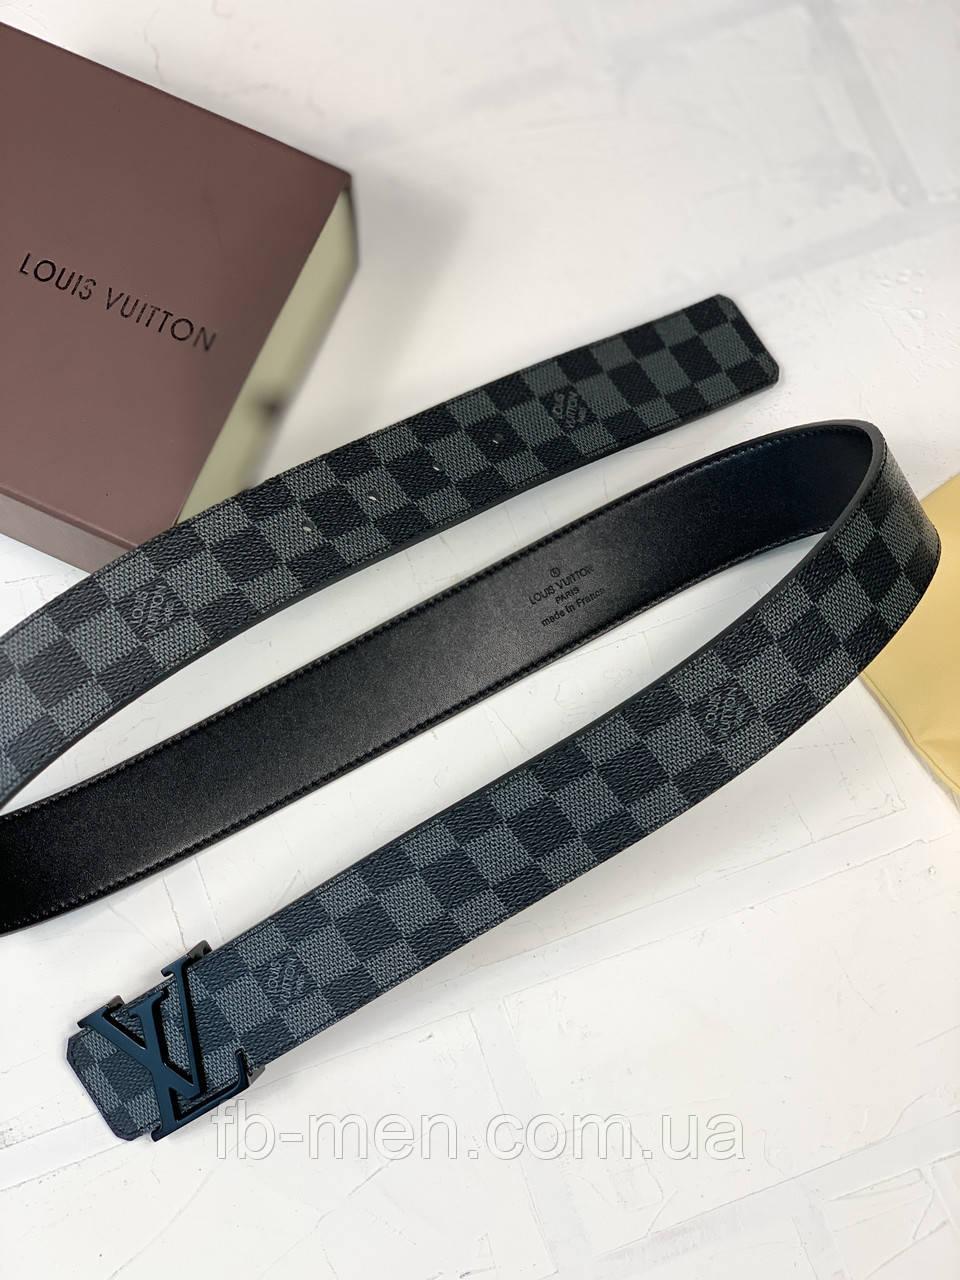 Ремень Louis Vuitton серая шашка|Пояс мужской женский серого цвета из натуральной кожи